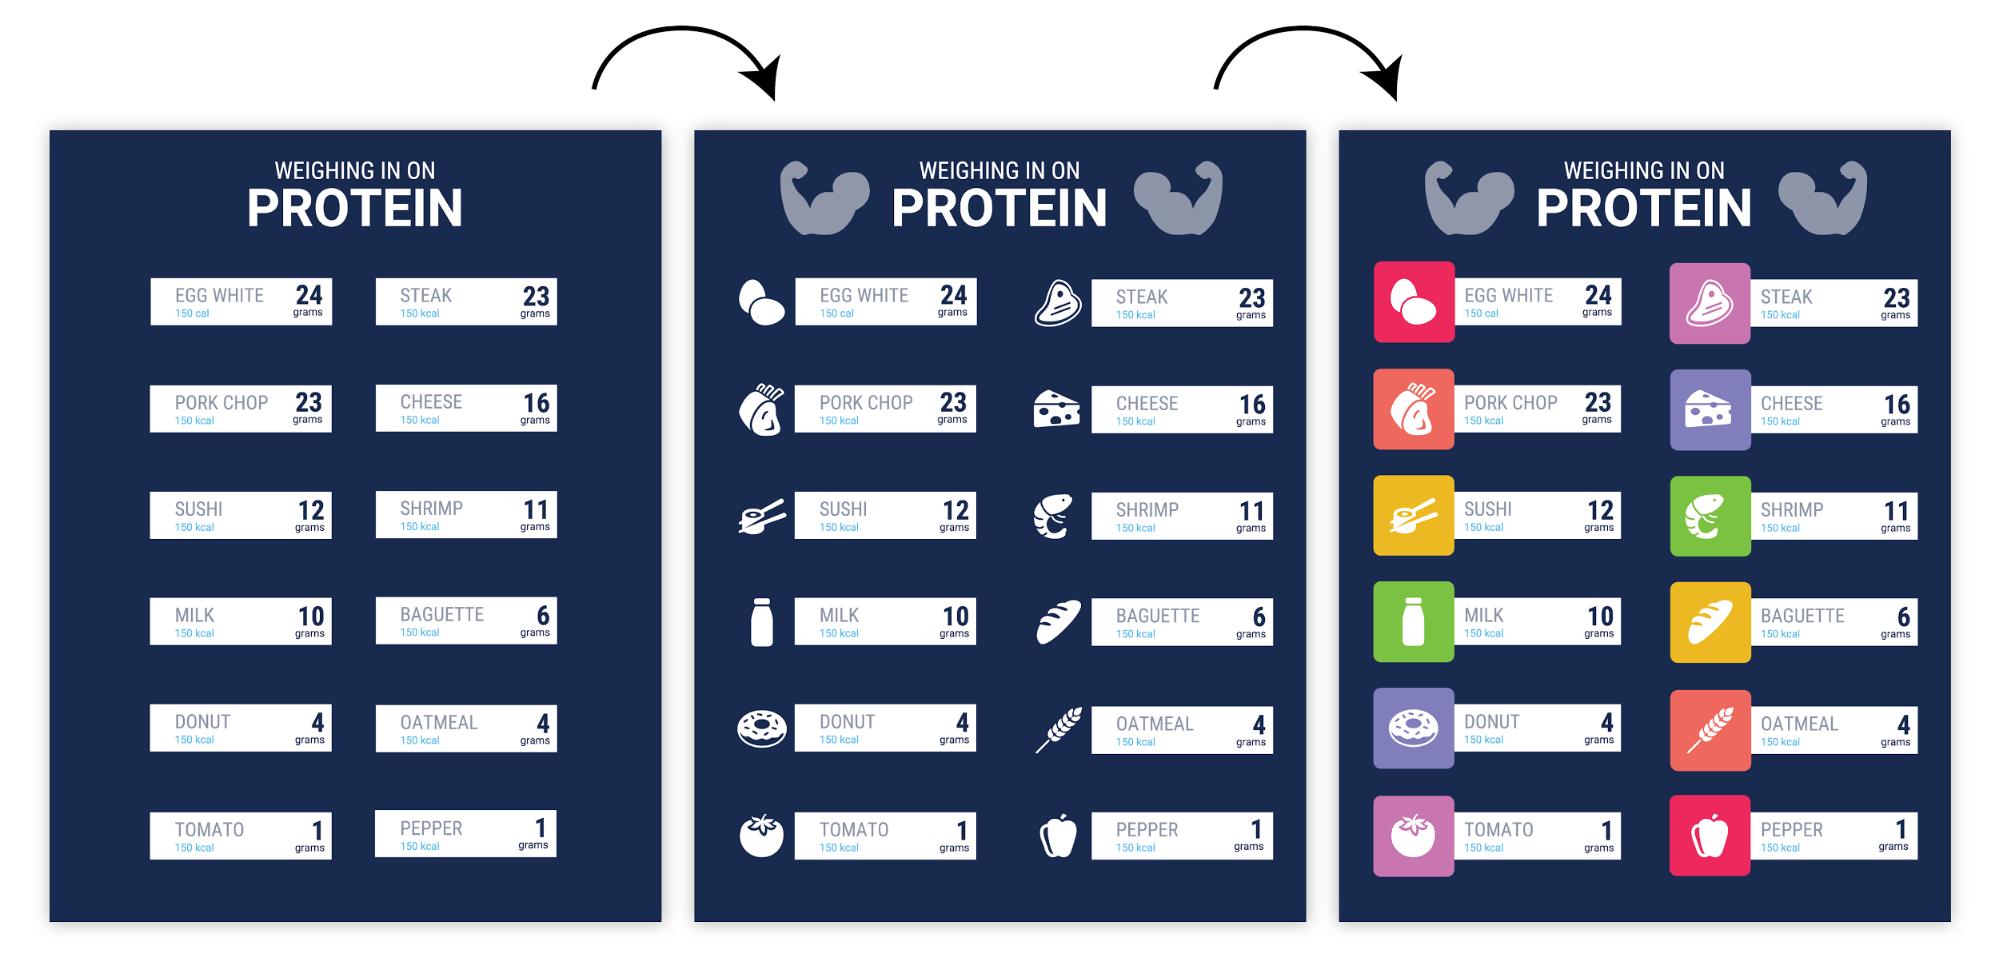 Что такое инфографика? определения и отличия от смежных понятий — блог о визуальной грамотности